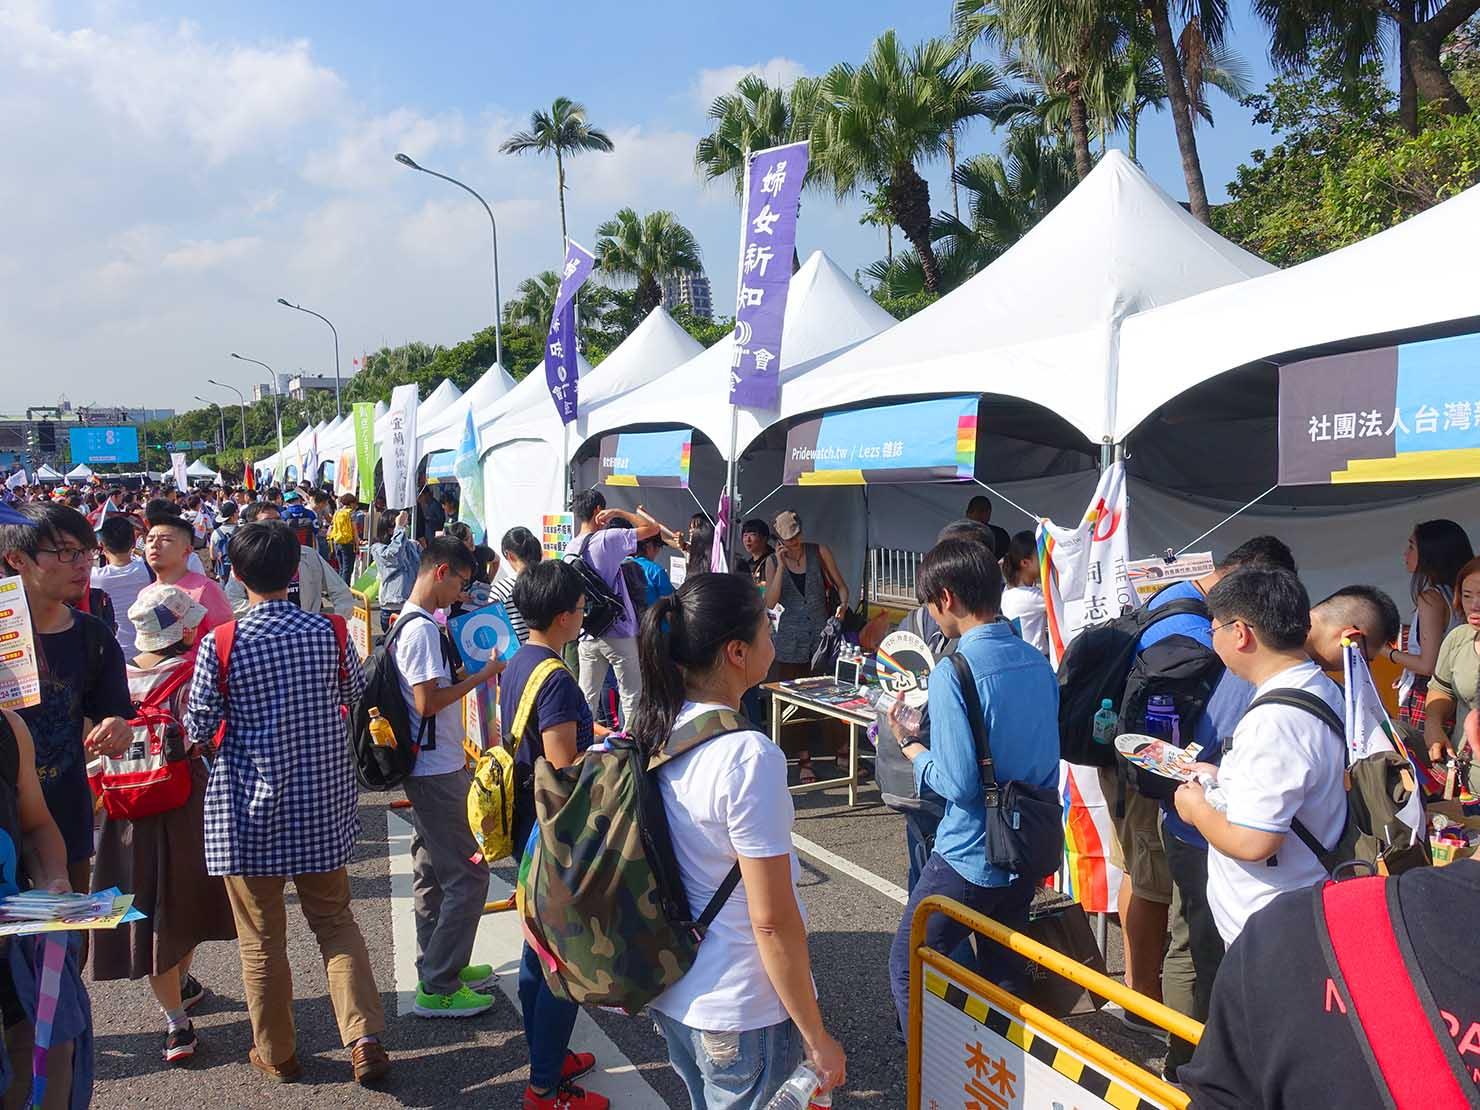 台湾のLGBT音楽イベント『為愛返家音樂會』の会場に設置されたブース